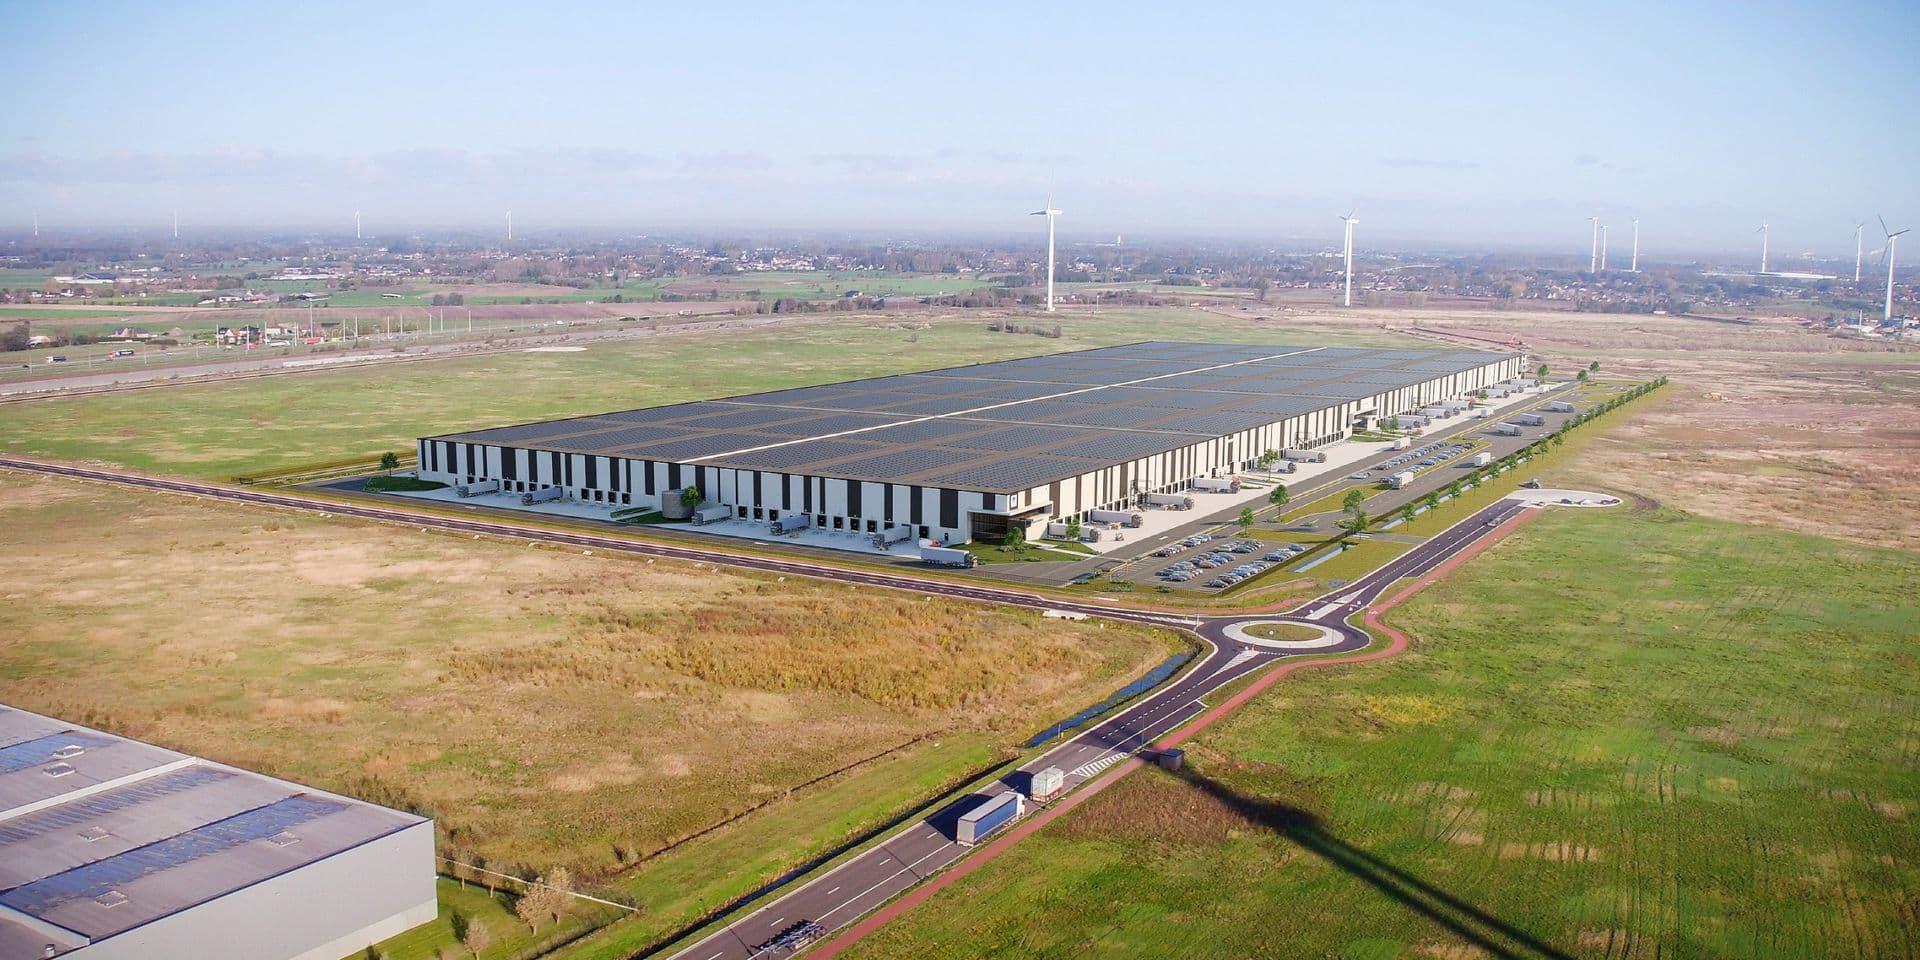 La crise sanitaire à dopé le marché de l'immobilier logistique en Belgique